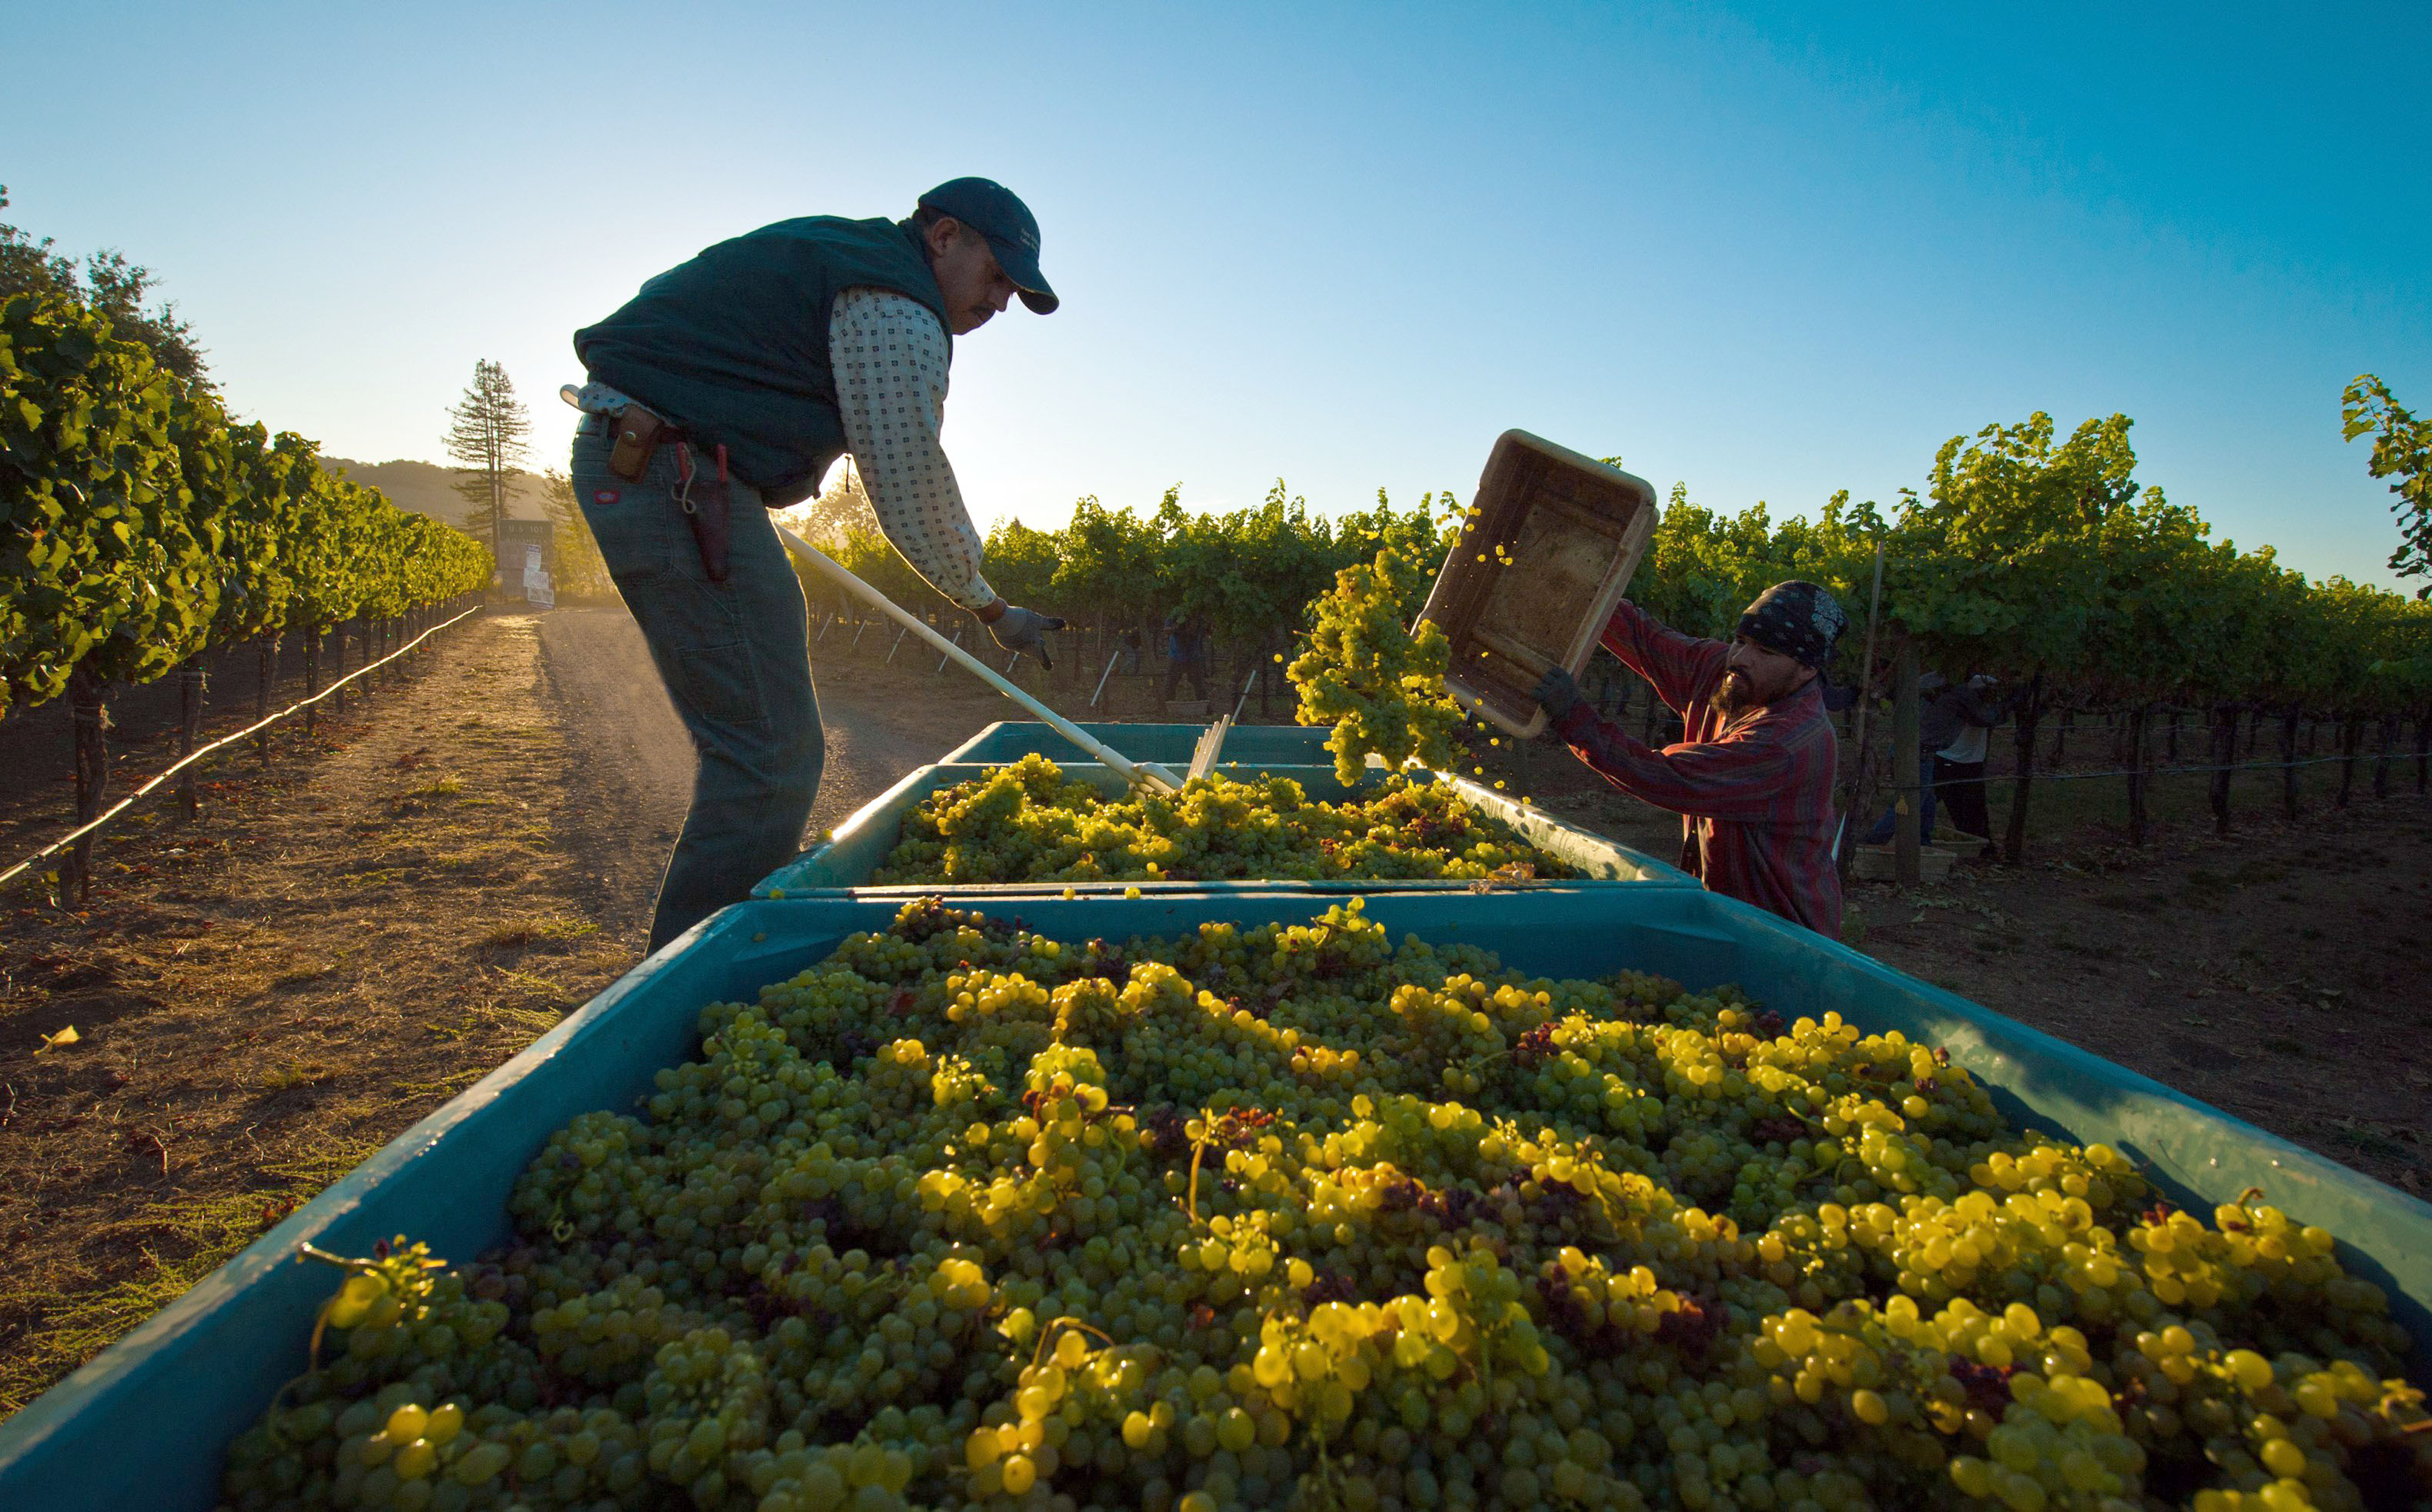 sonoma valley tours, wine harvest